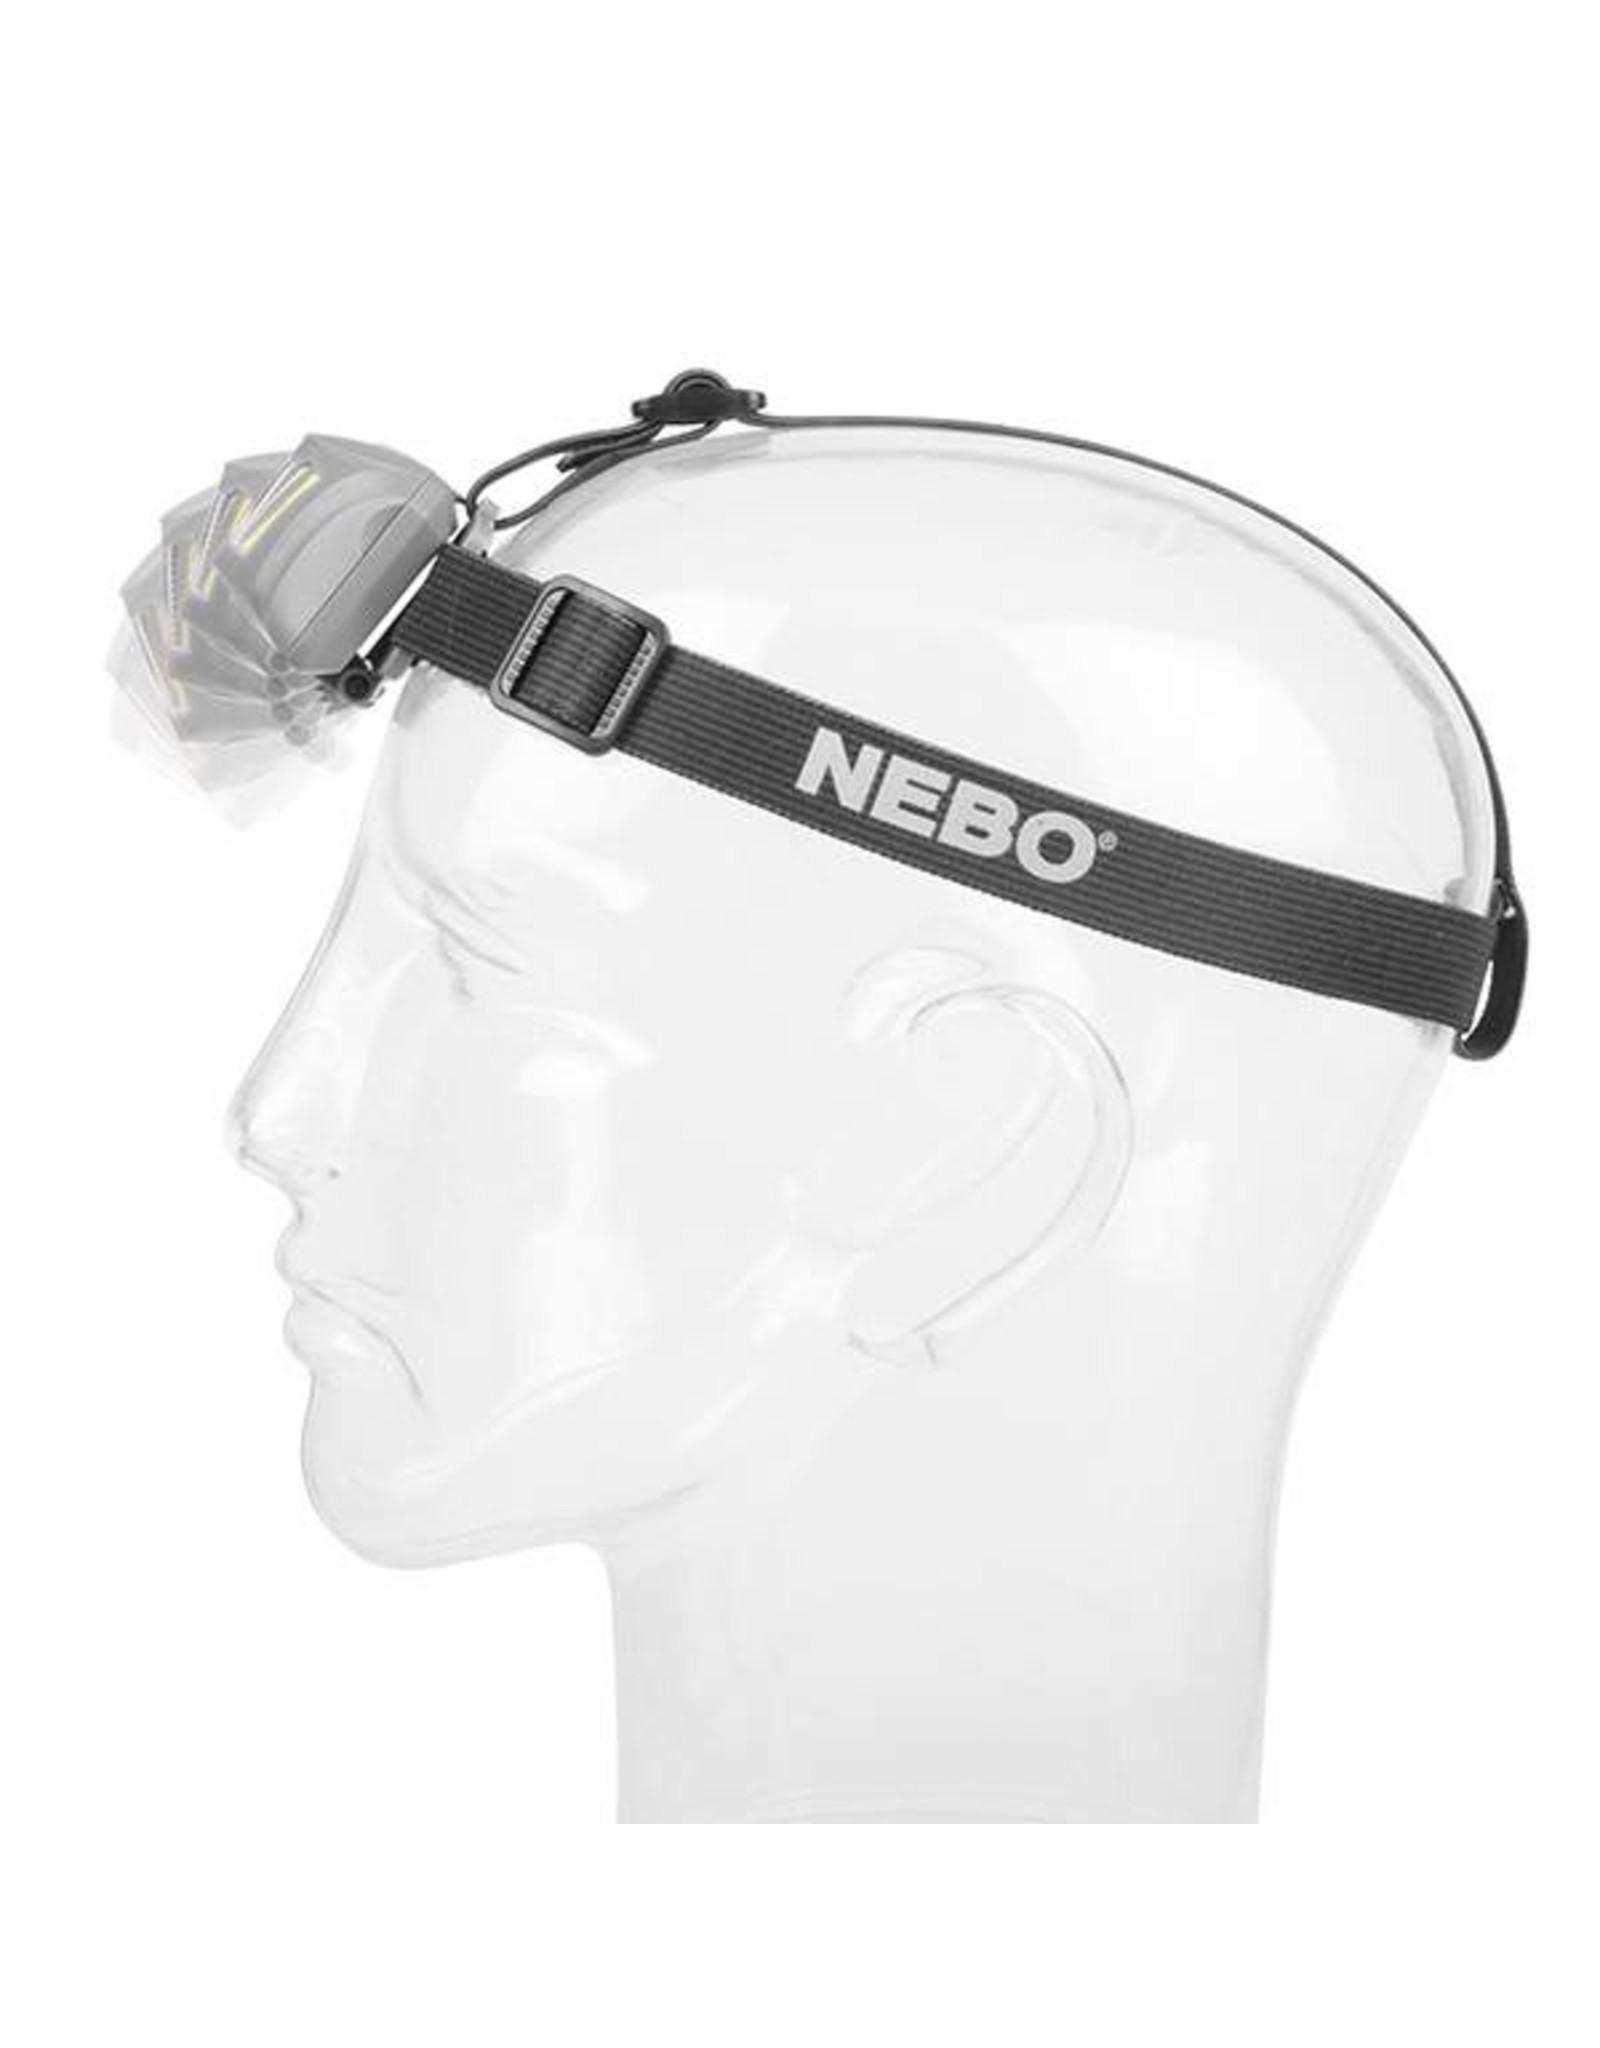 Nebo Duo Headlamp - Red & White